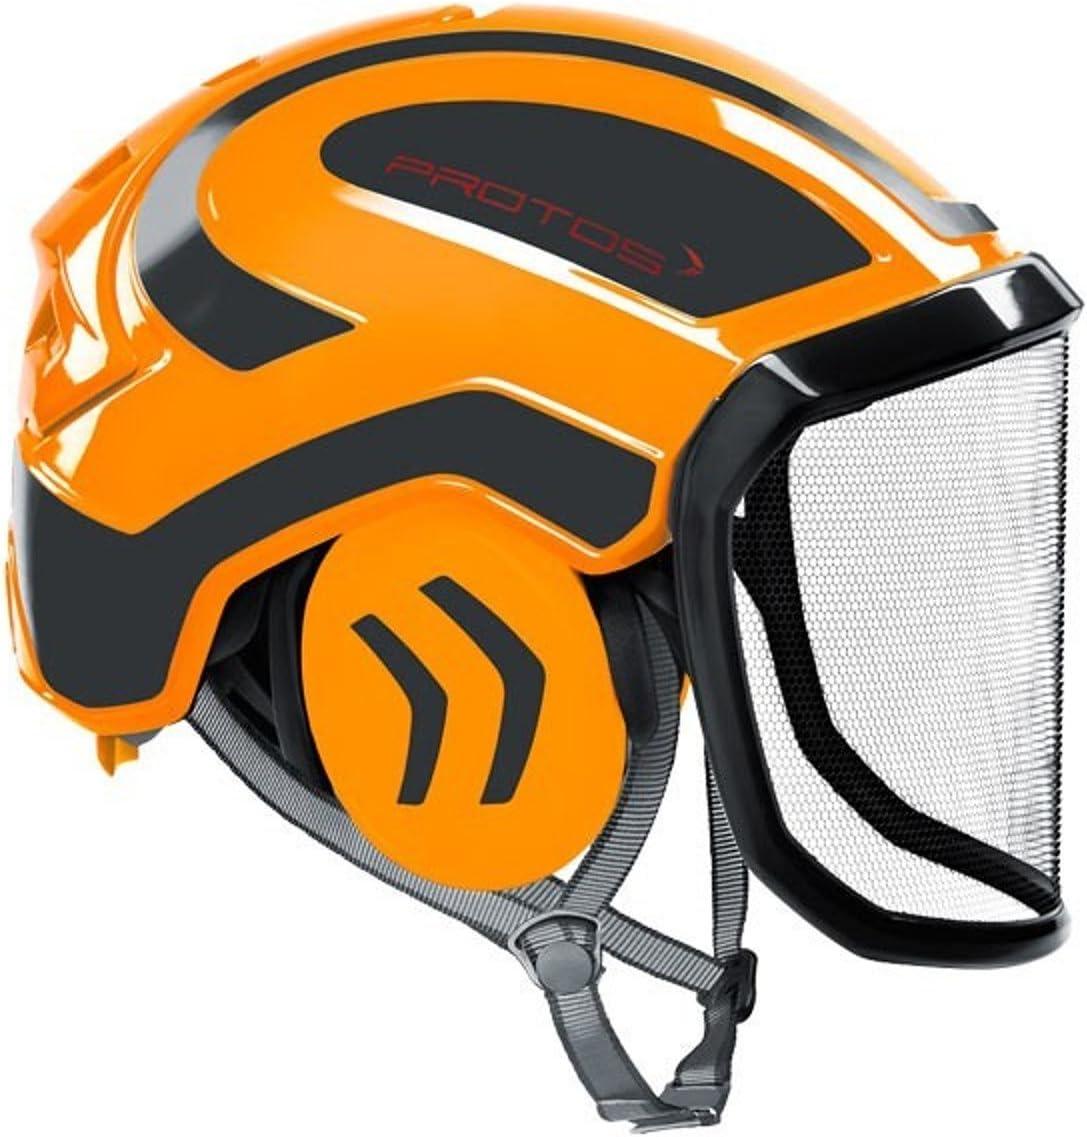 Protos integral - Casco de seguridad, color naranja y gris